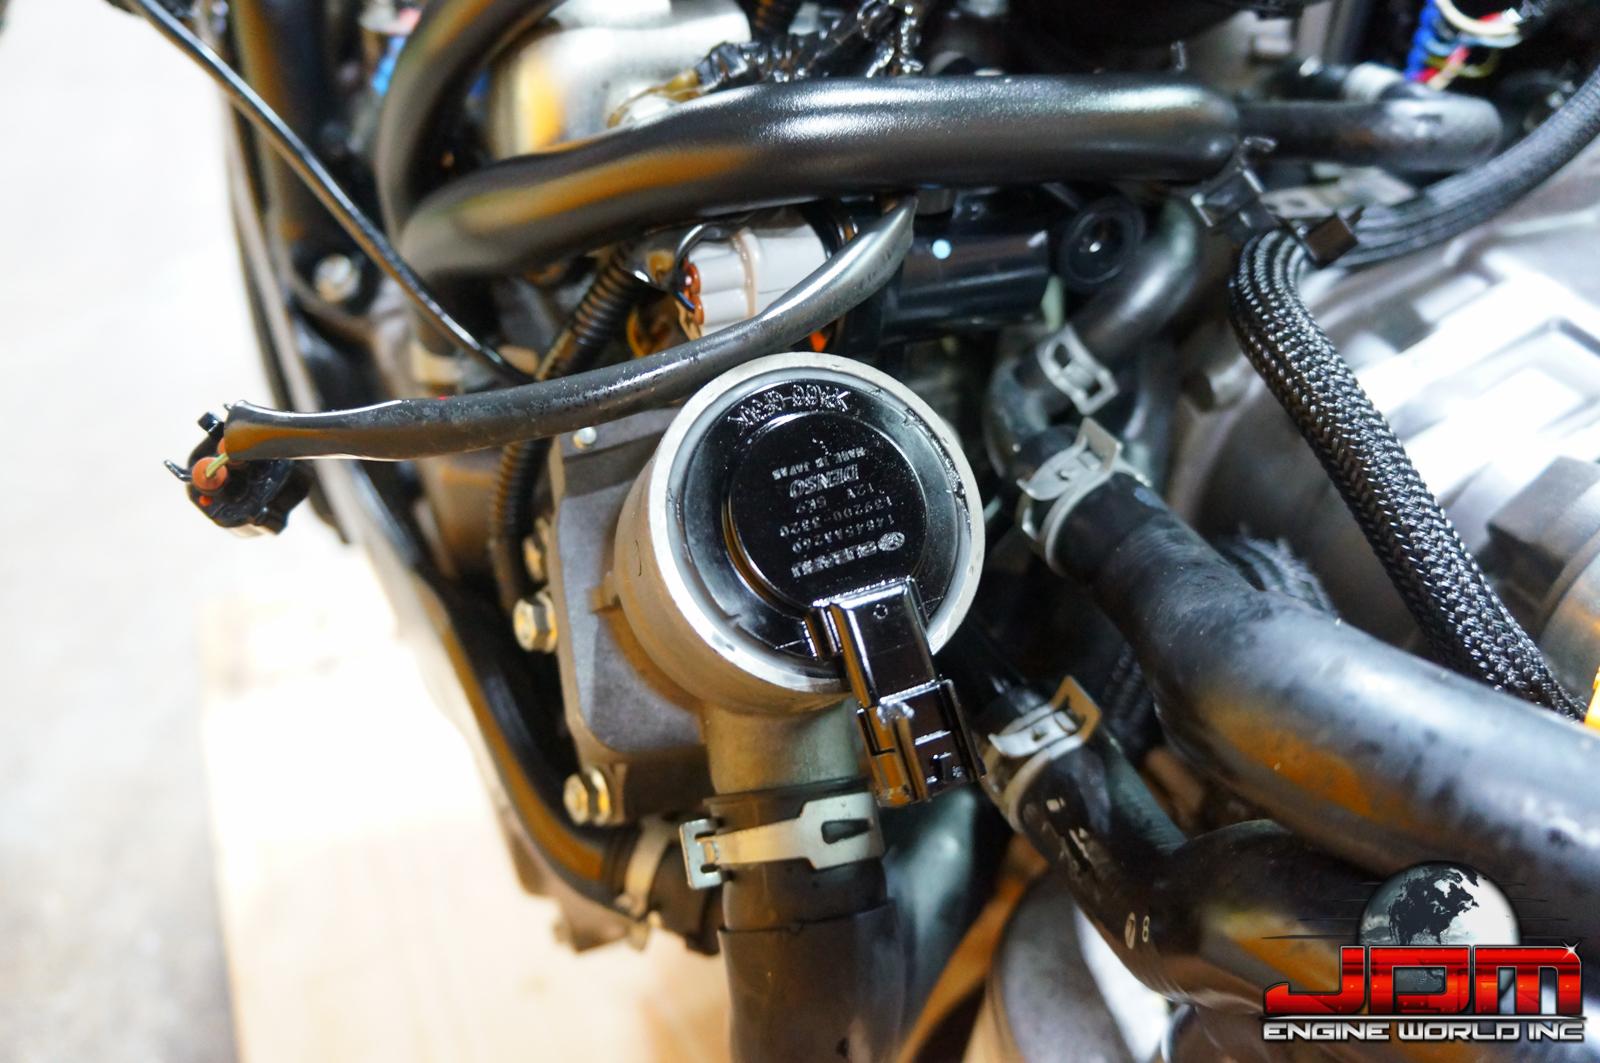 06 07 08 09 10 11 12 SUBARU FORESTER XT EJ20T ENGINE 2.0L TURBO (REPLACE 2.5L) JDM EJ20T